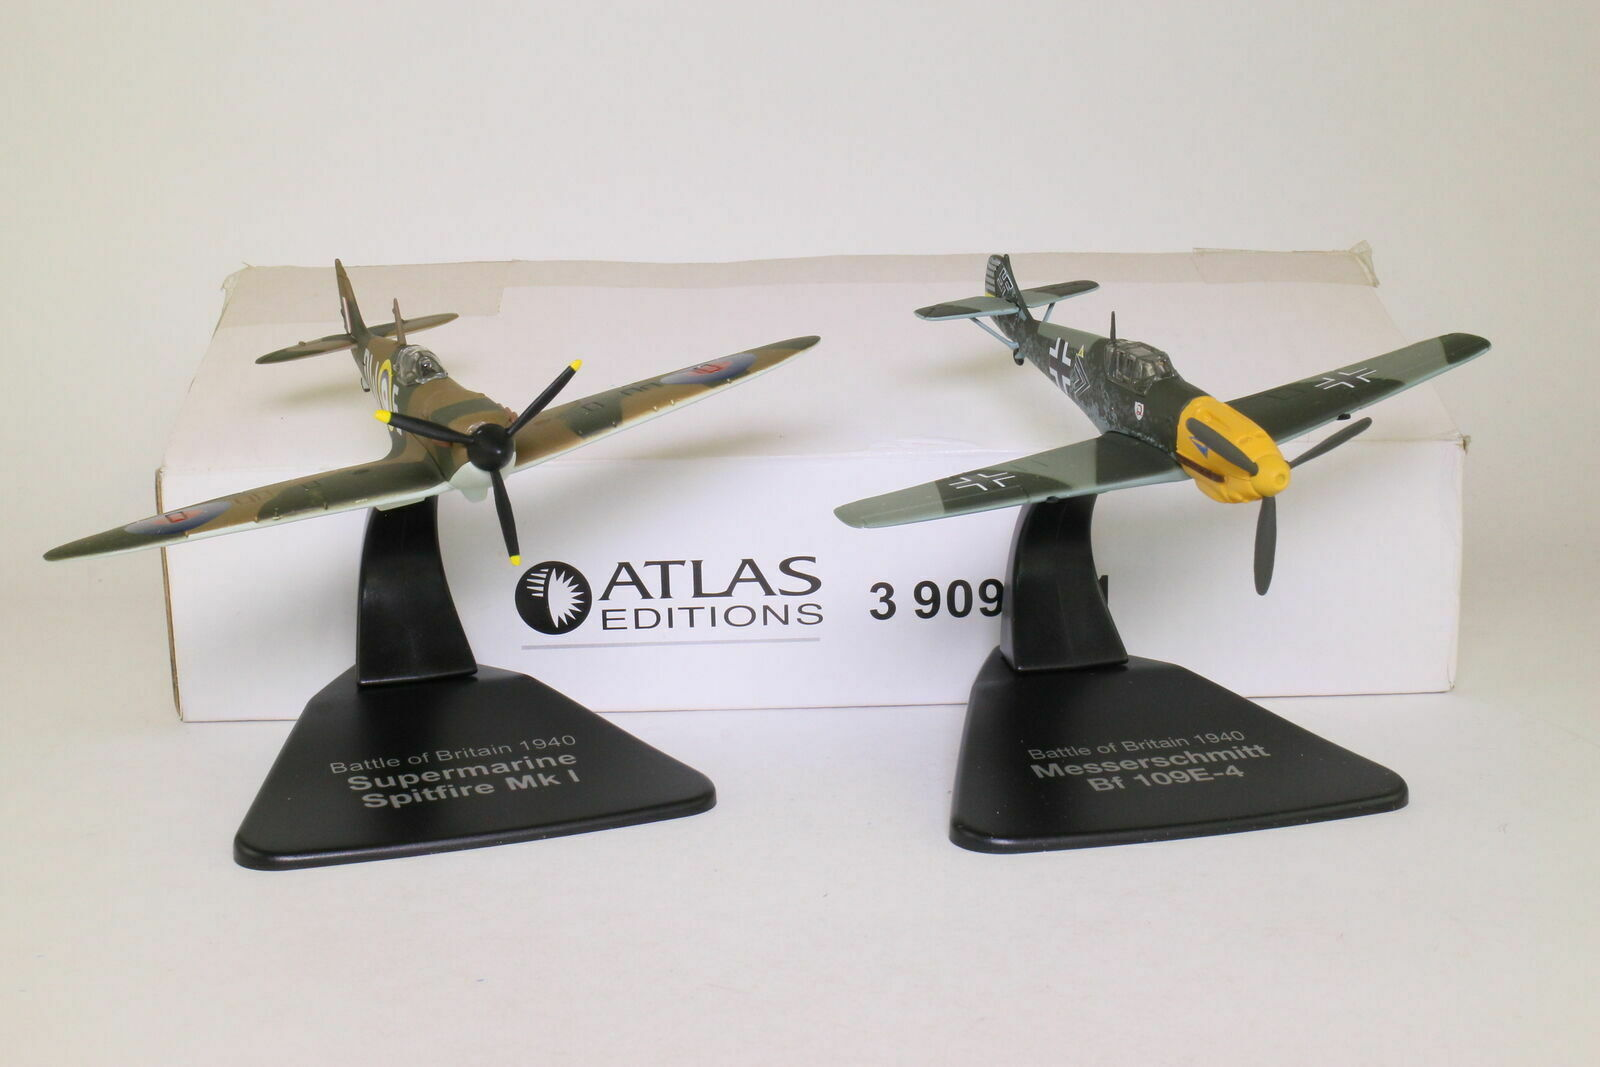 ATLAS EDITIONS BATTLE OF BRITAIN SET ( SPITFIRE Mk1 & MESSERSCHMITT Bf 109E-4 )